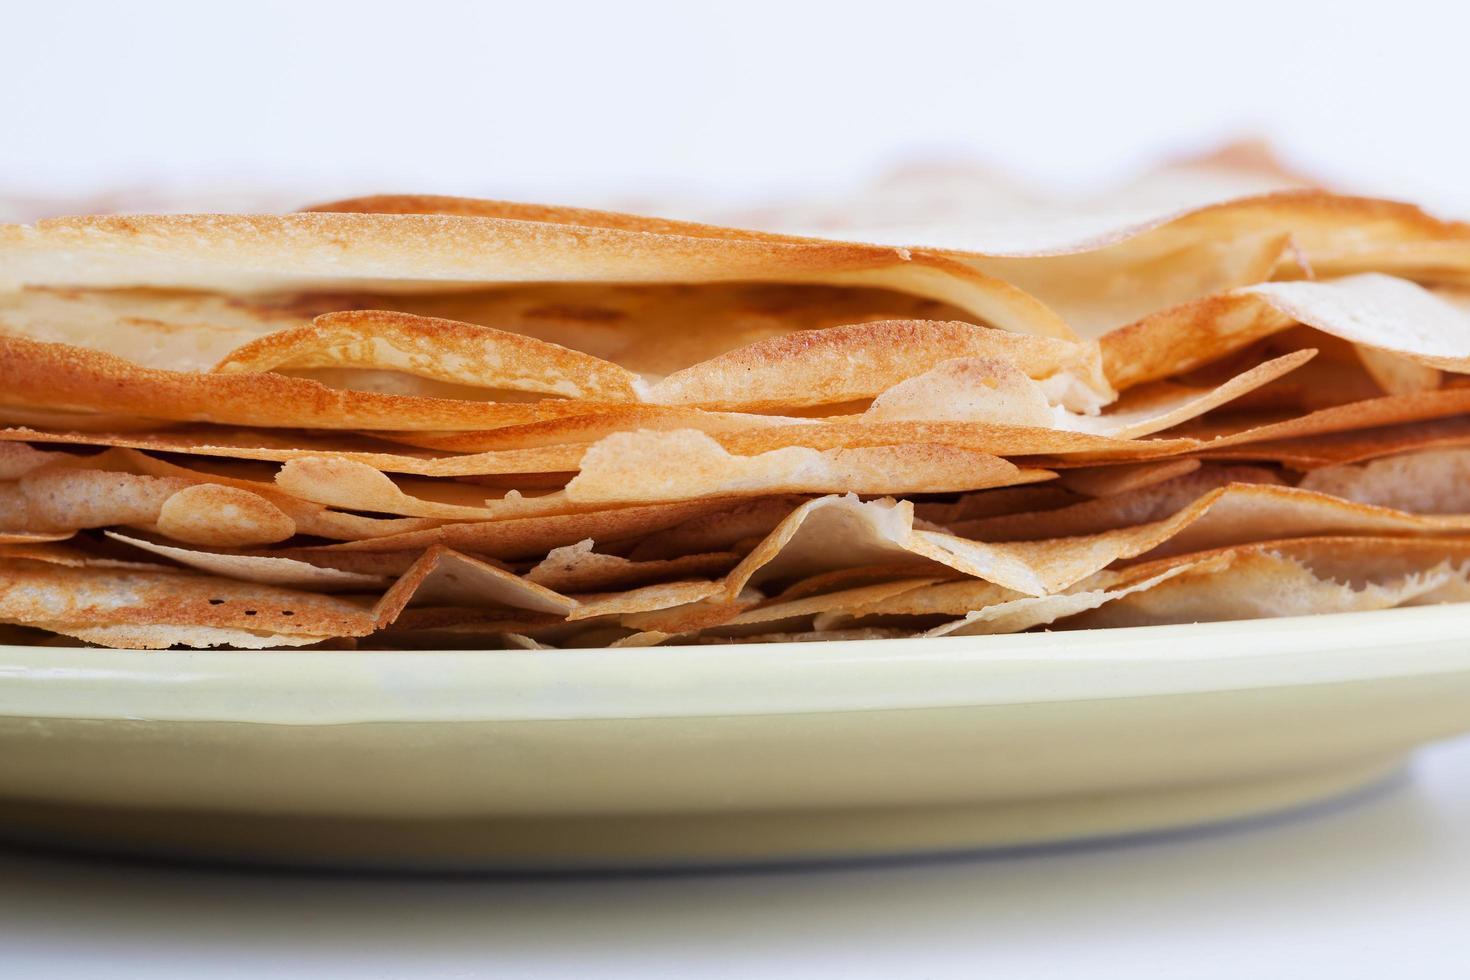 bunt pannkakor ligger på en tallrik foto